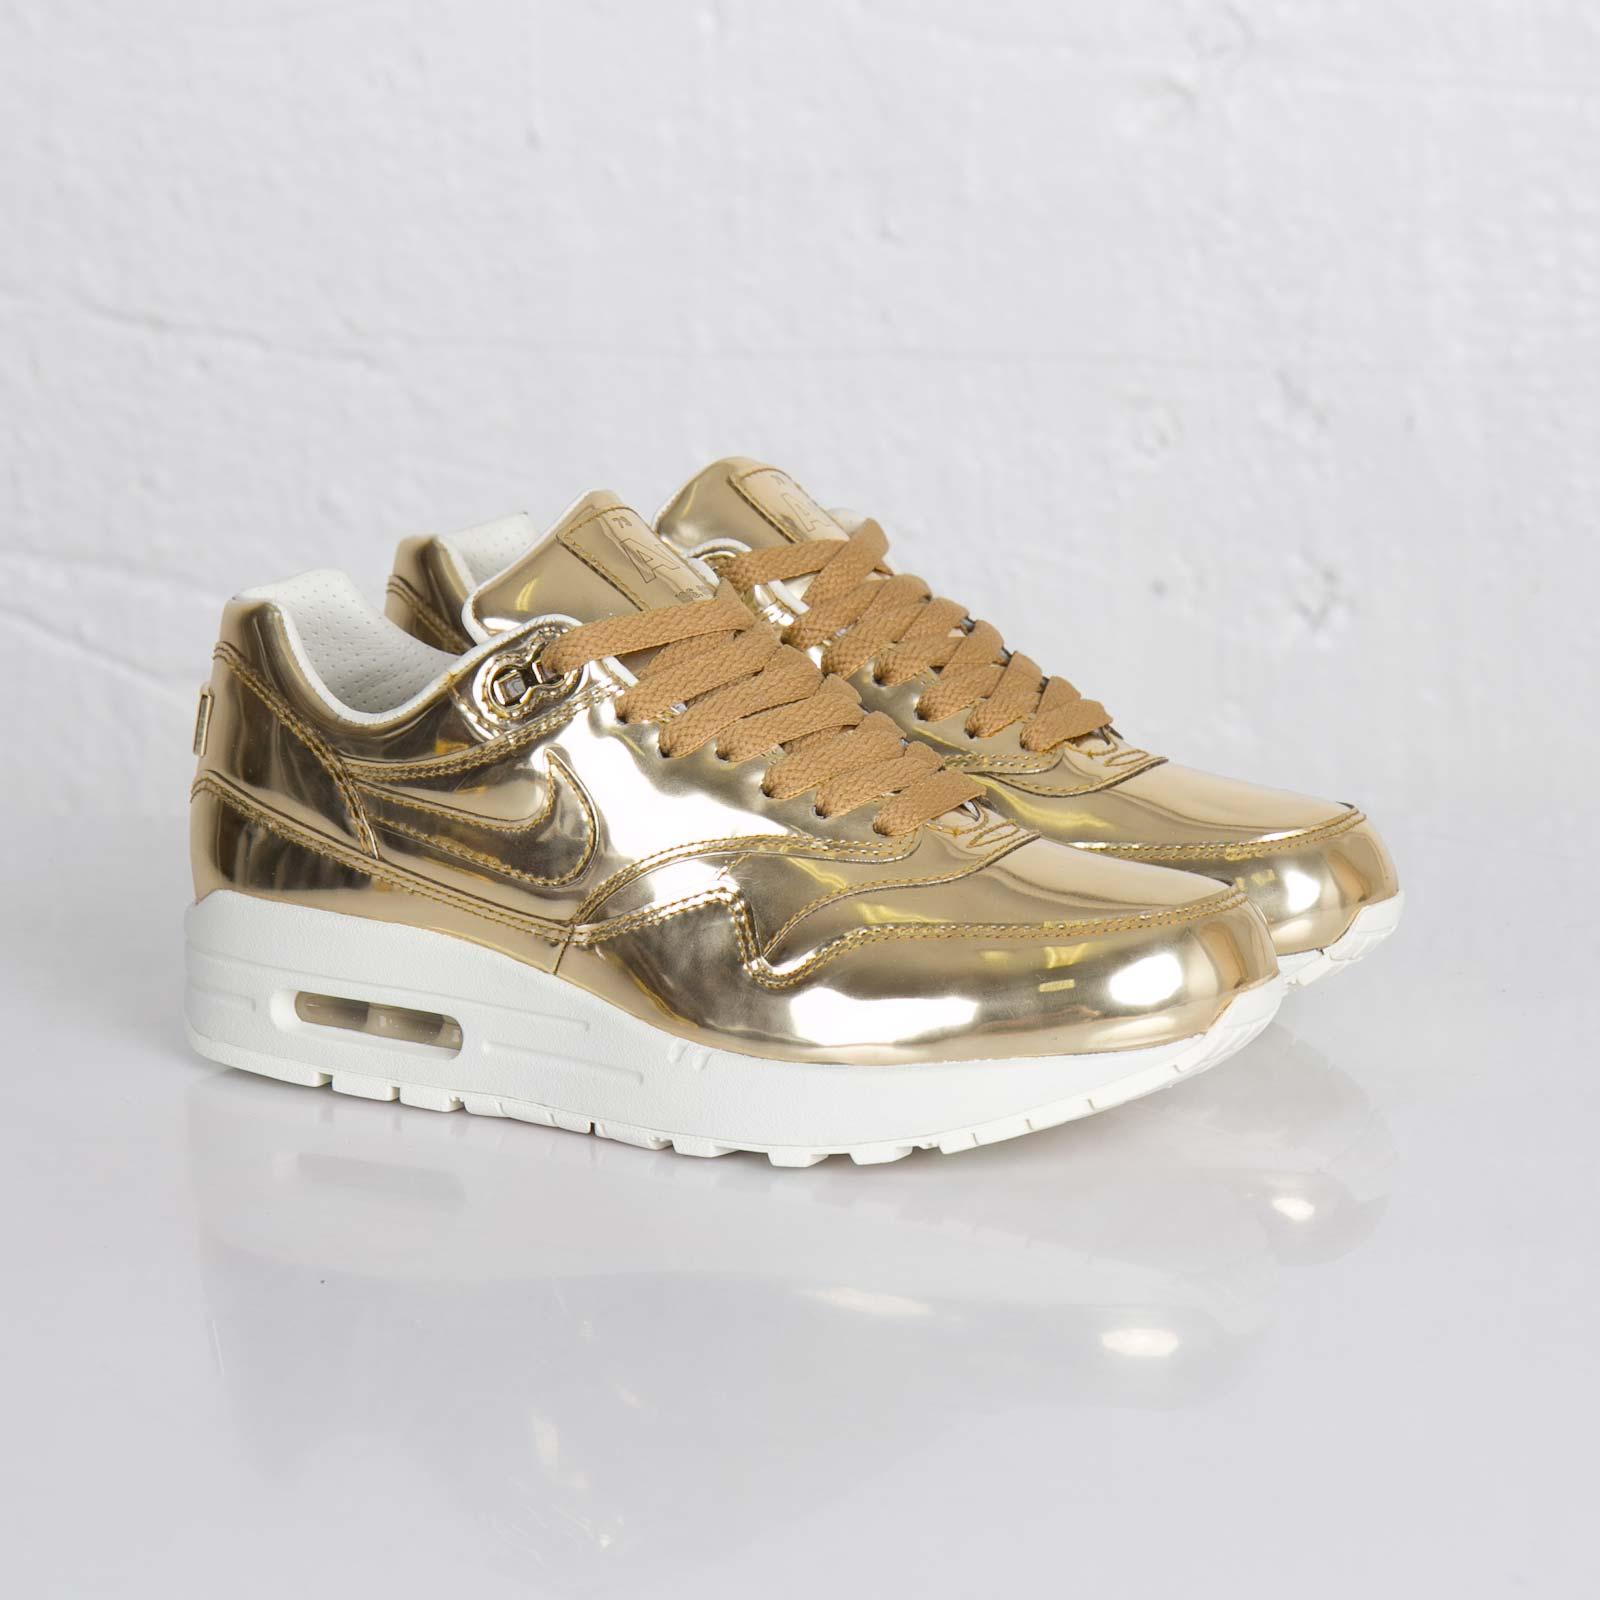 san francisco de994 ab041 ... Nike Wmns Air Max 1 SP ...